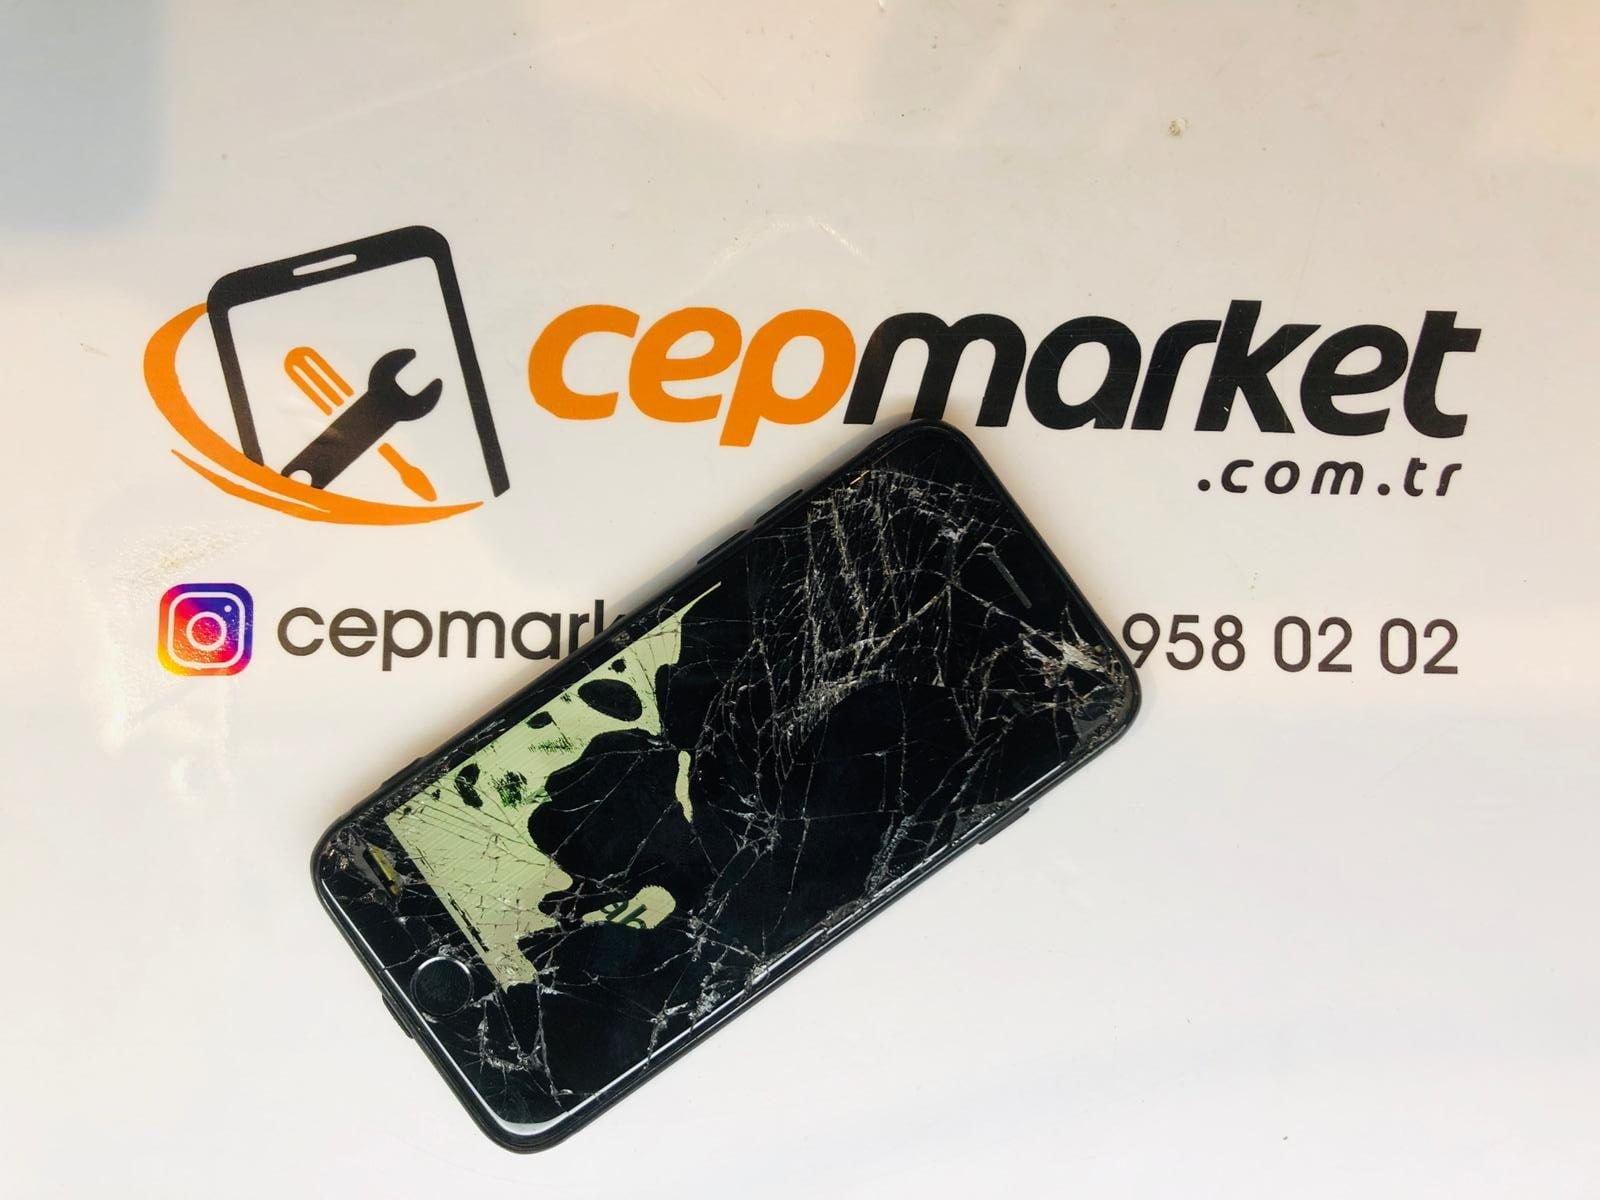 iPhone 6 İkinci El Satış Noktası